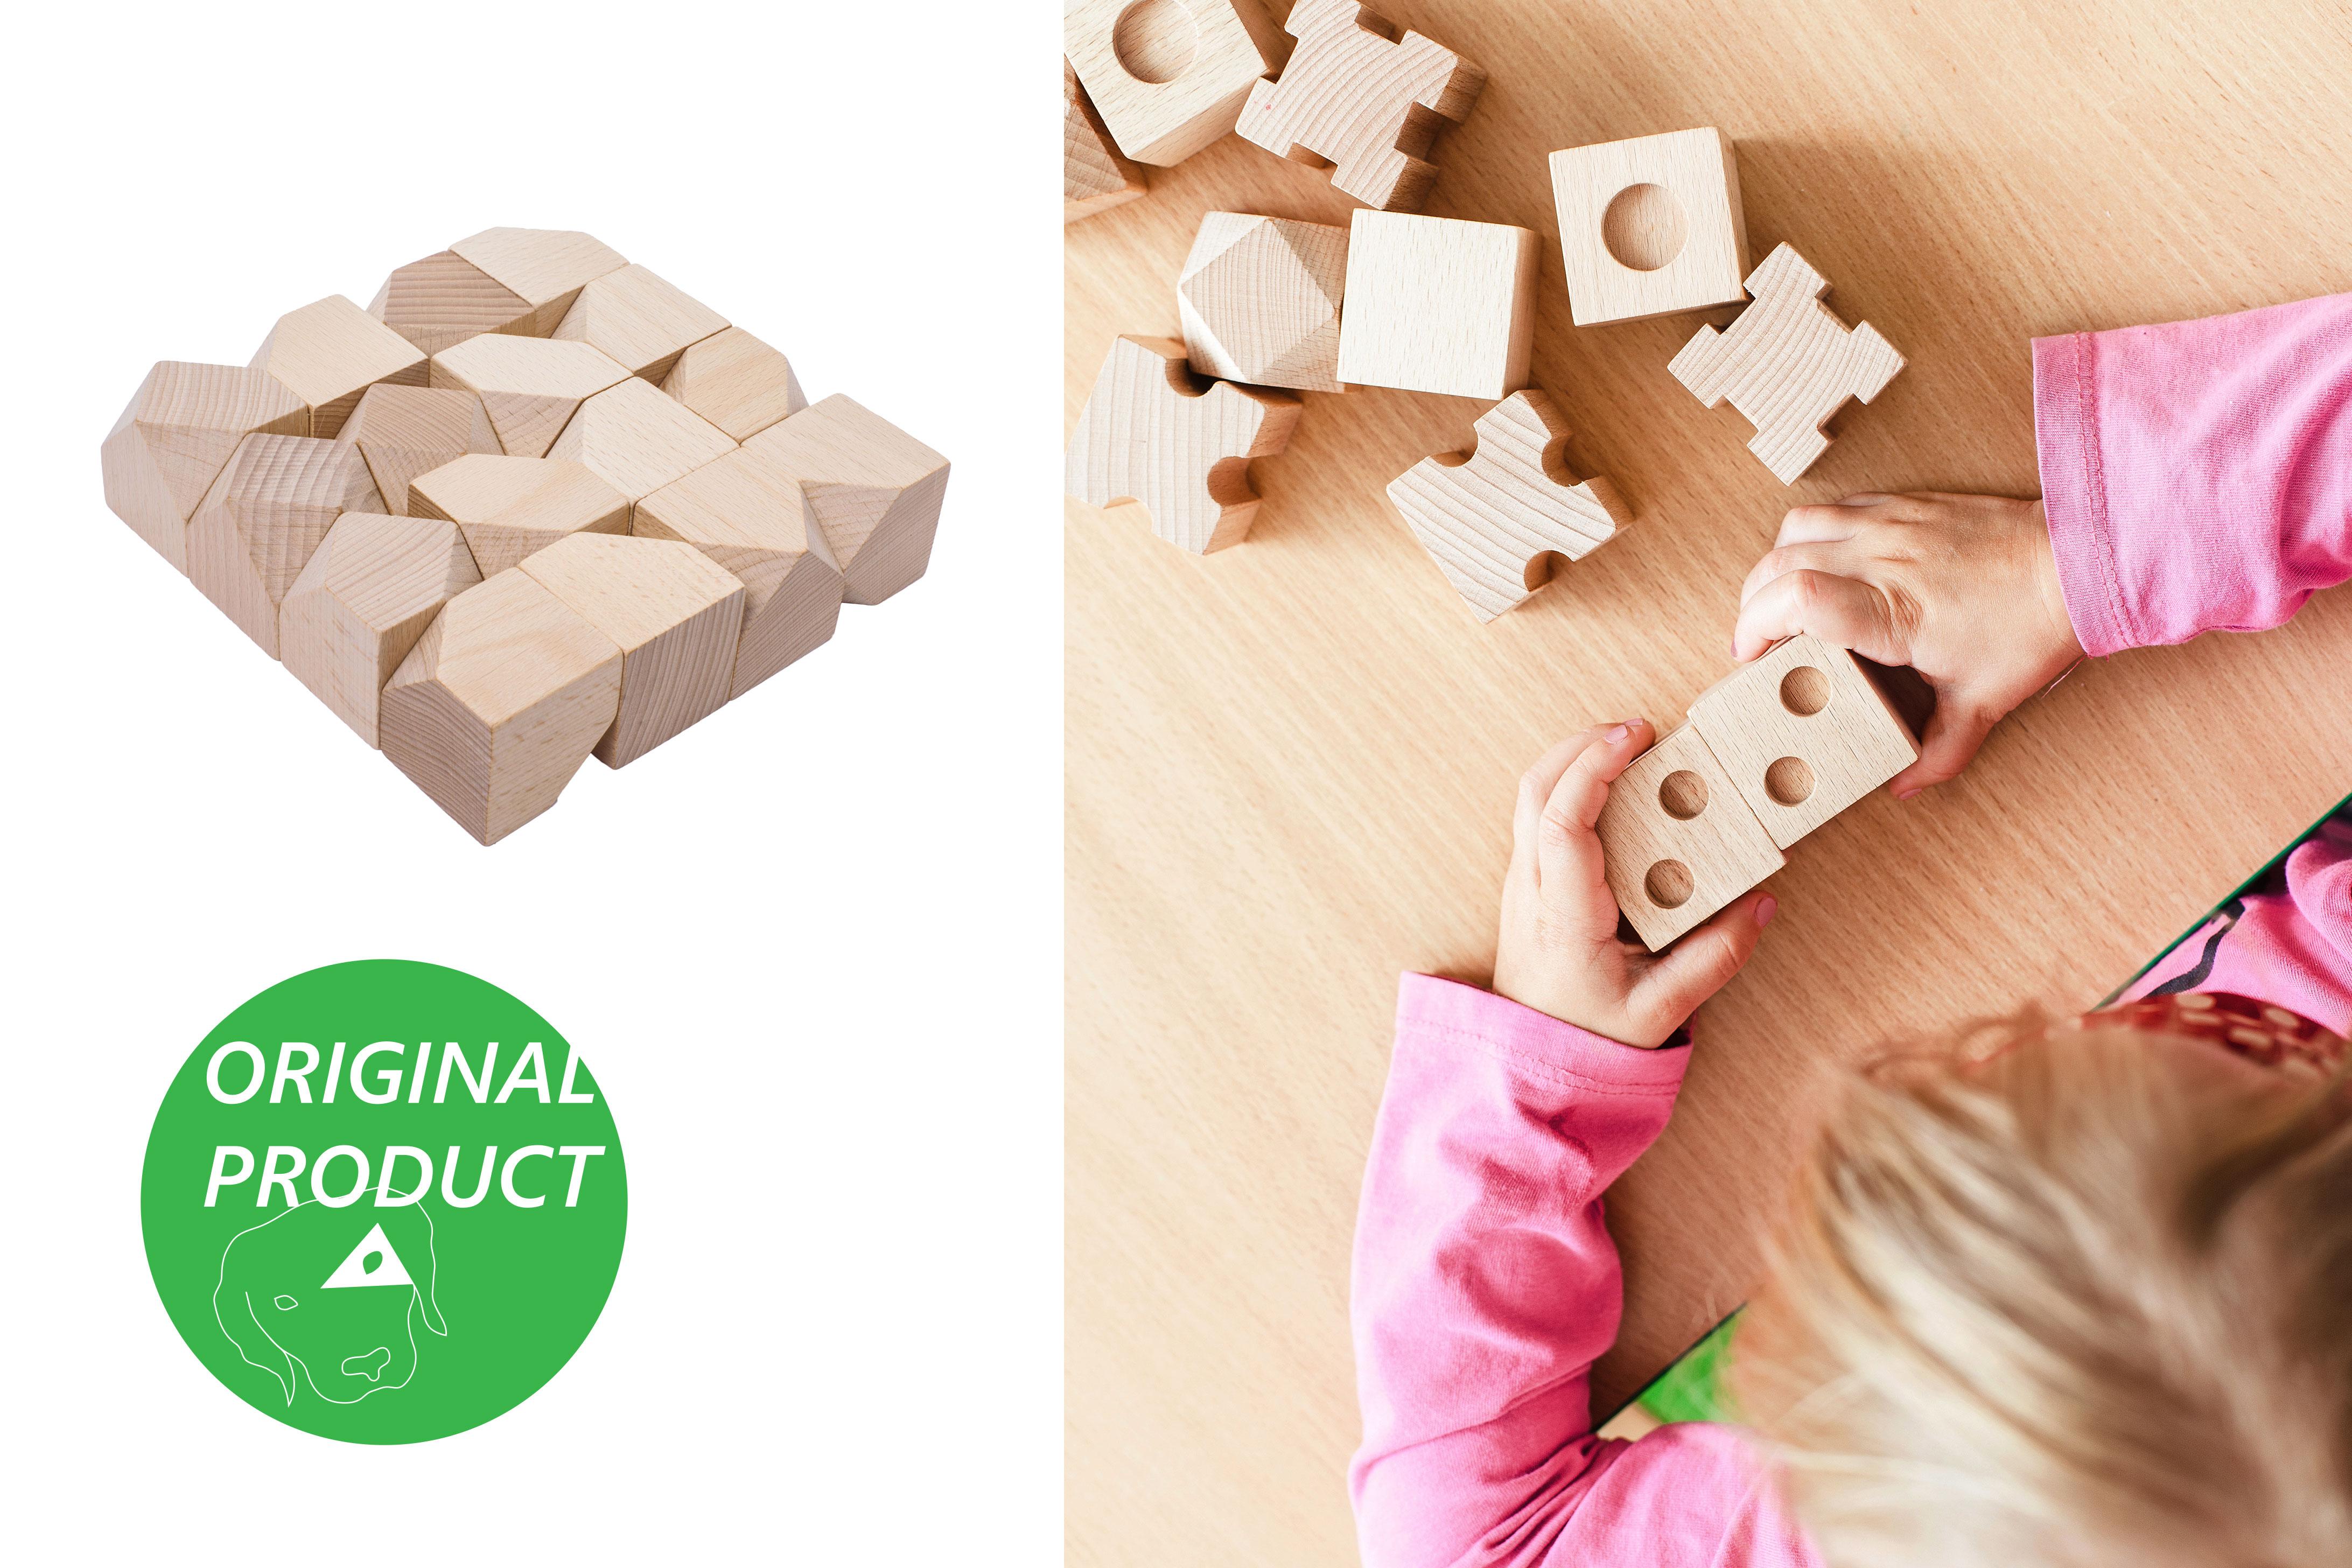 DĚTSKÉ POMŮCKY Dřevěné hmatové kostky 4. stupeň obtížnosti